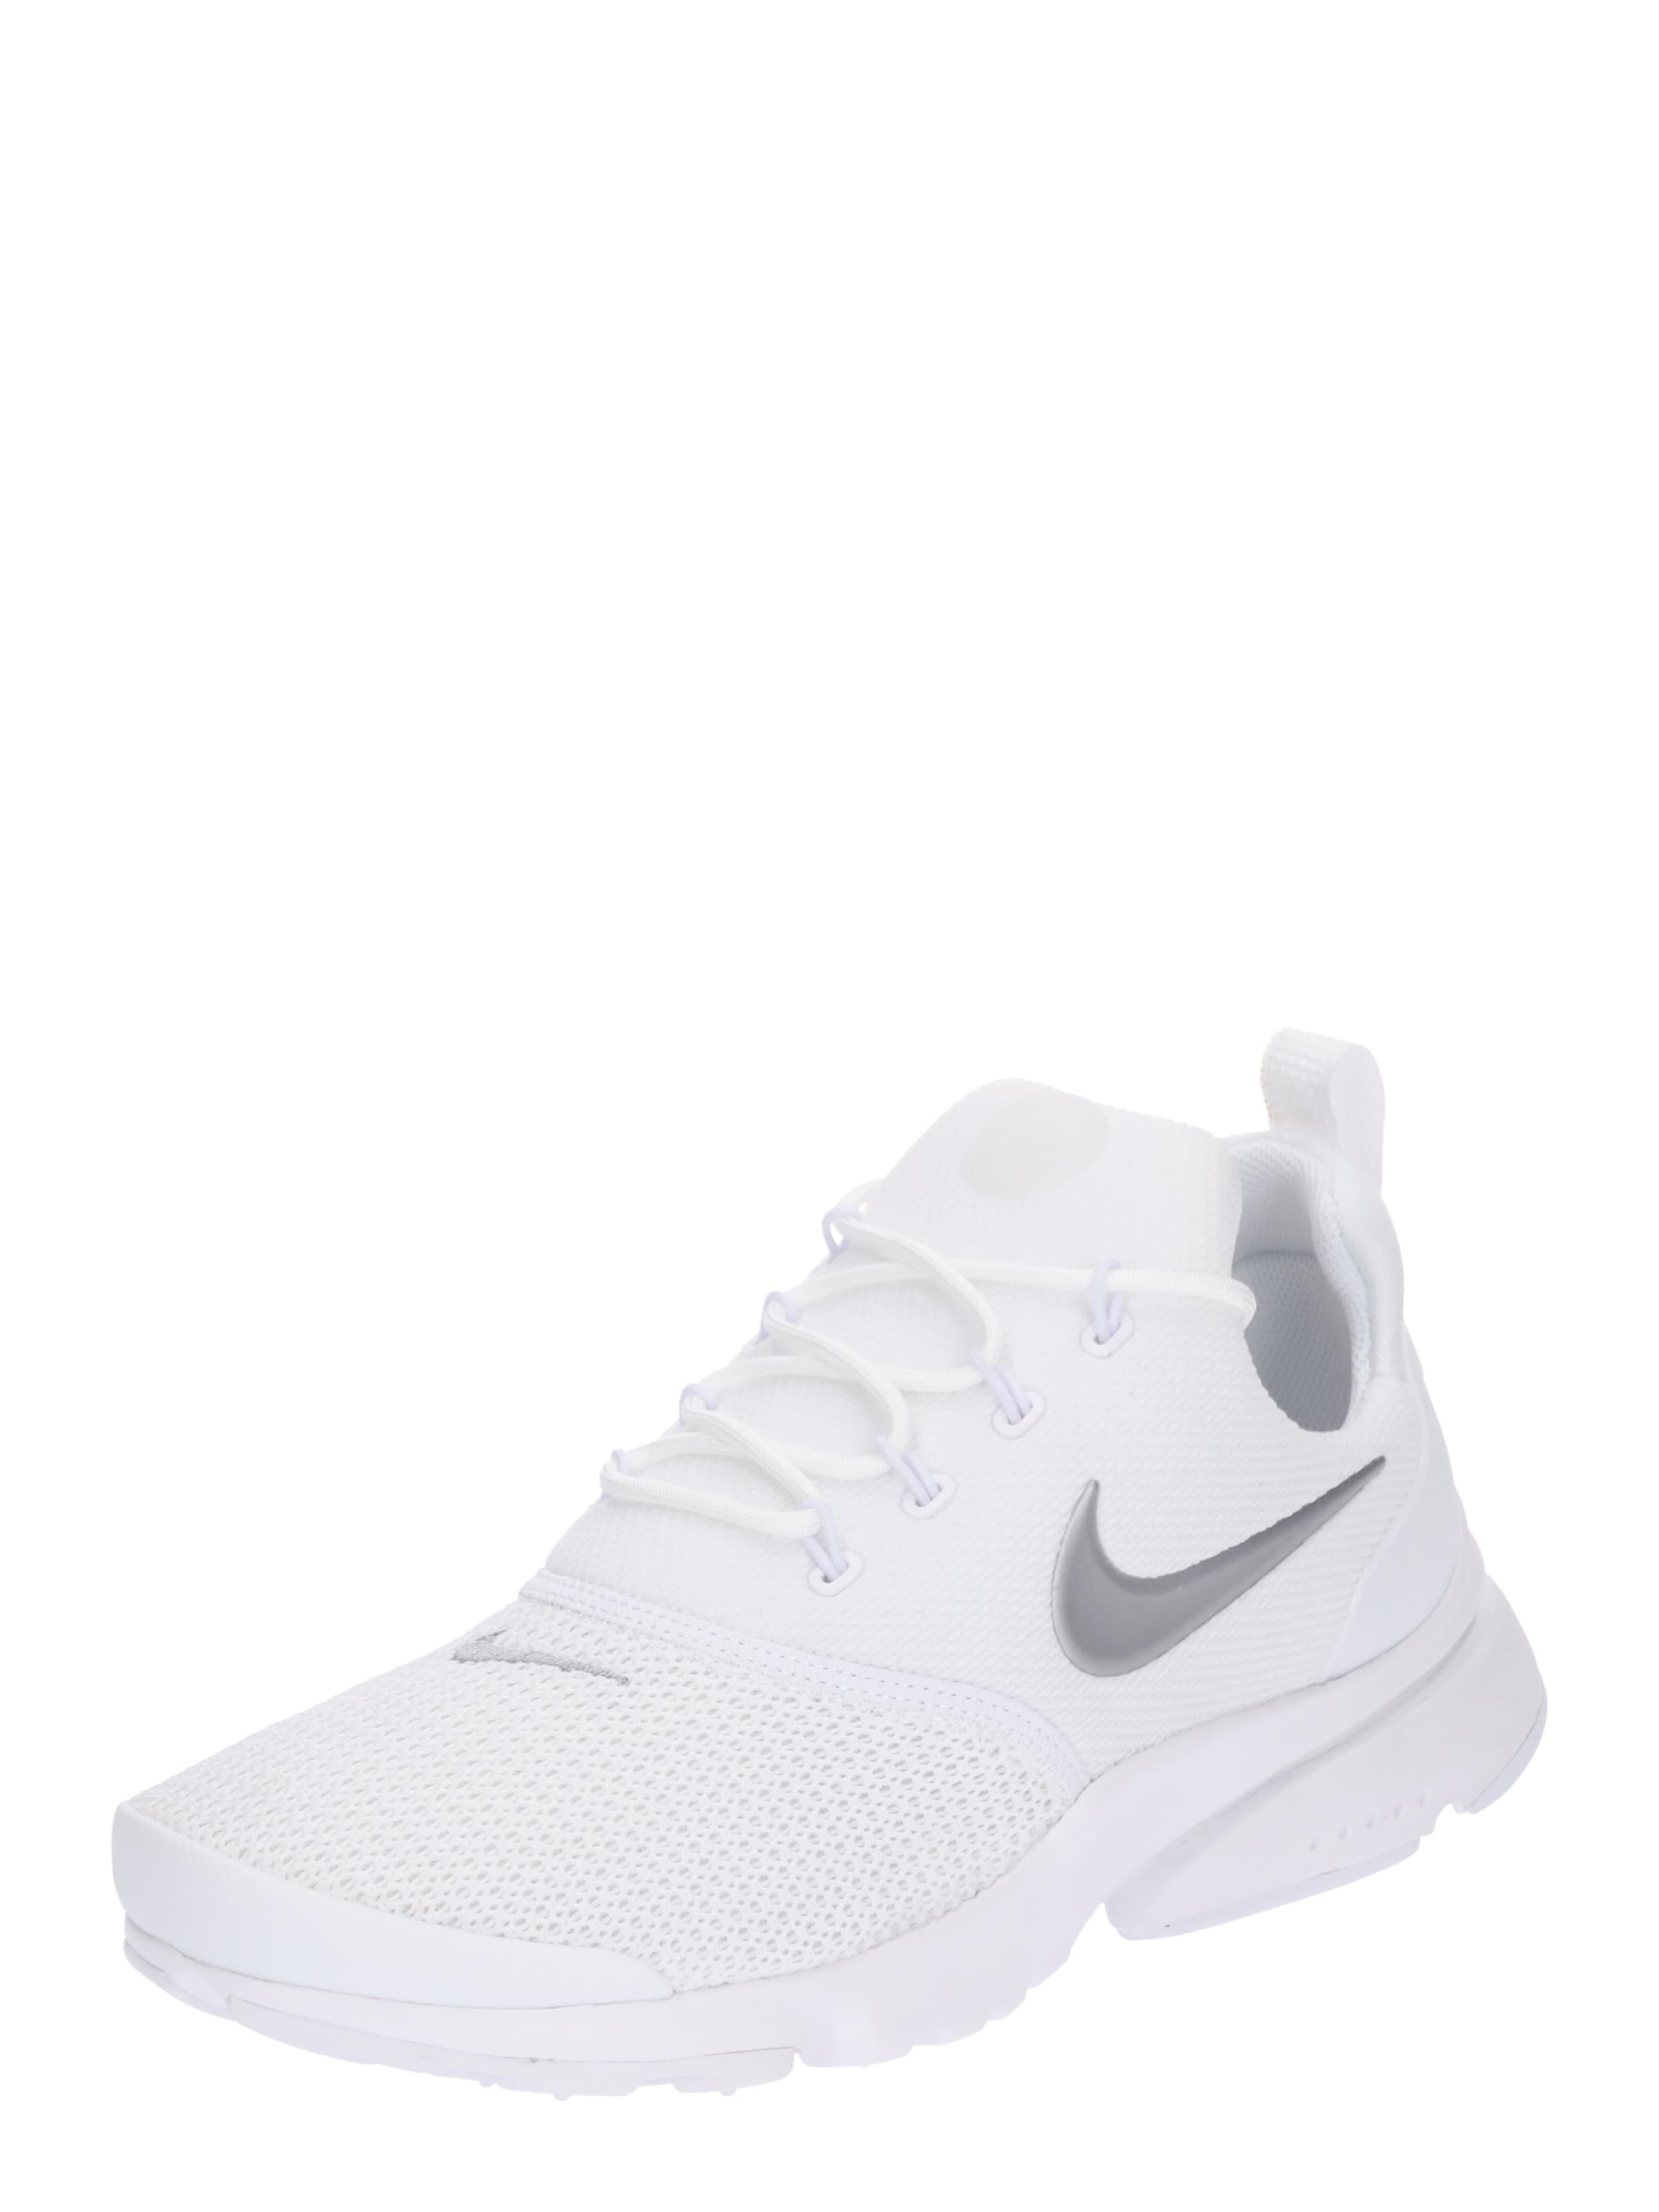 Nike Sportswear Sneaker Presto Fly Hohe Qualität